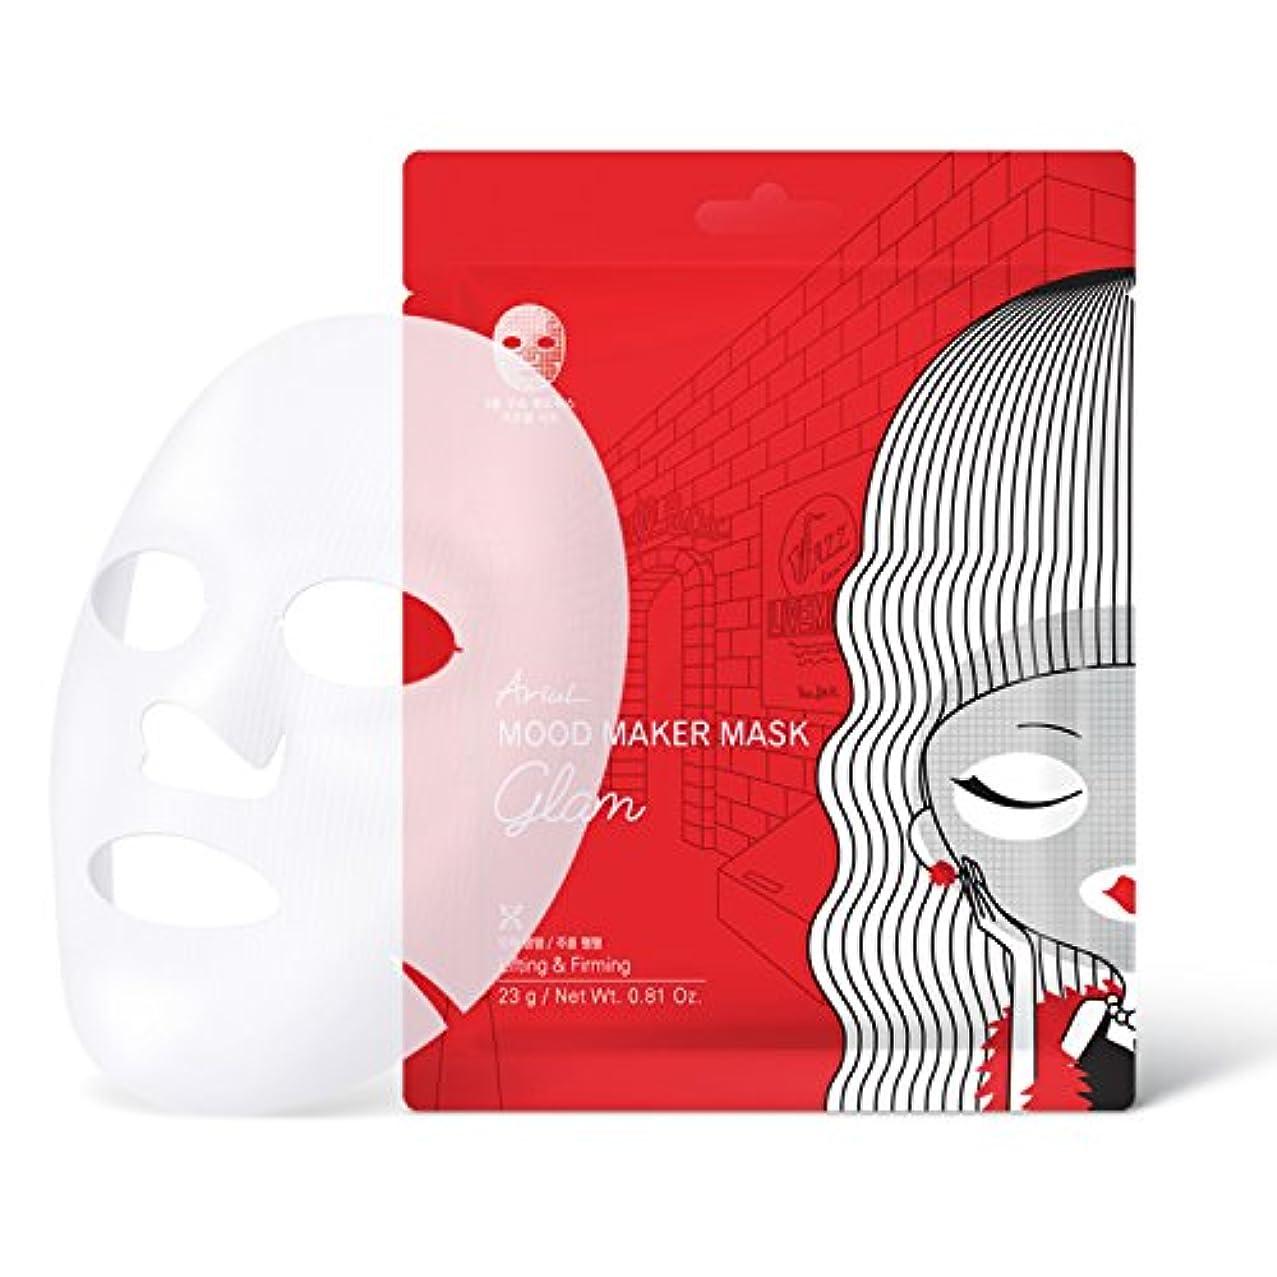 スプリットラップ電気技師アリウル ムードメーカーマスク グラマラス 1枚入り